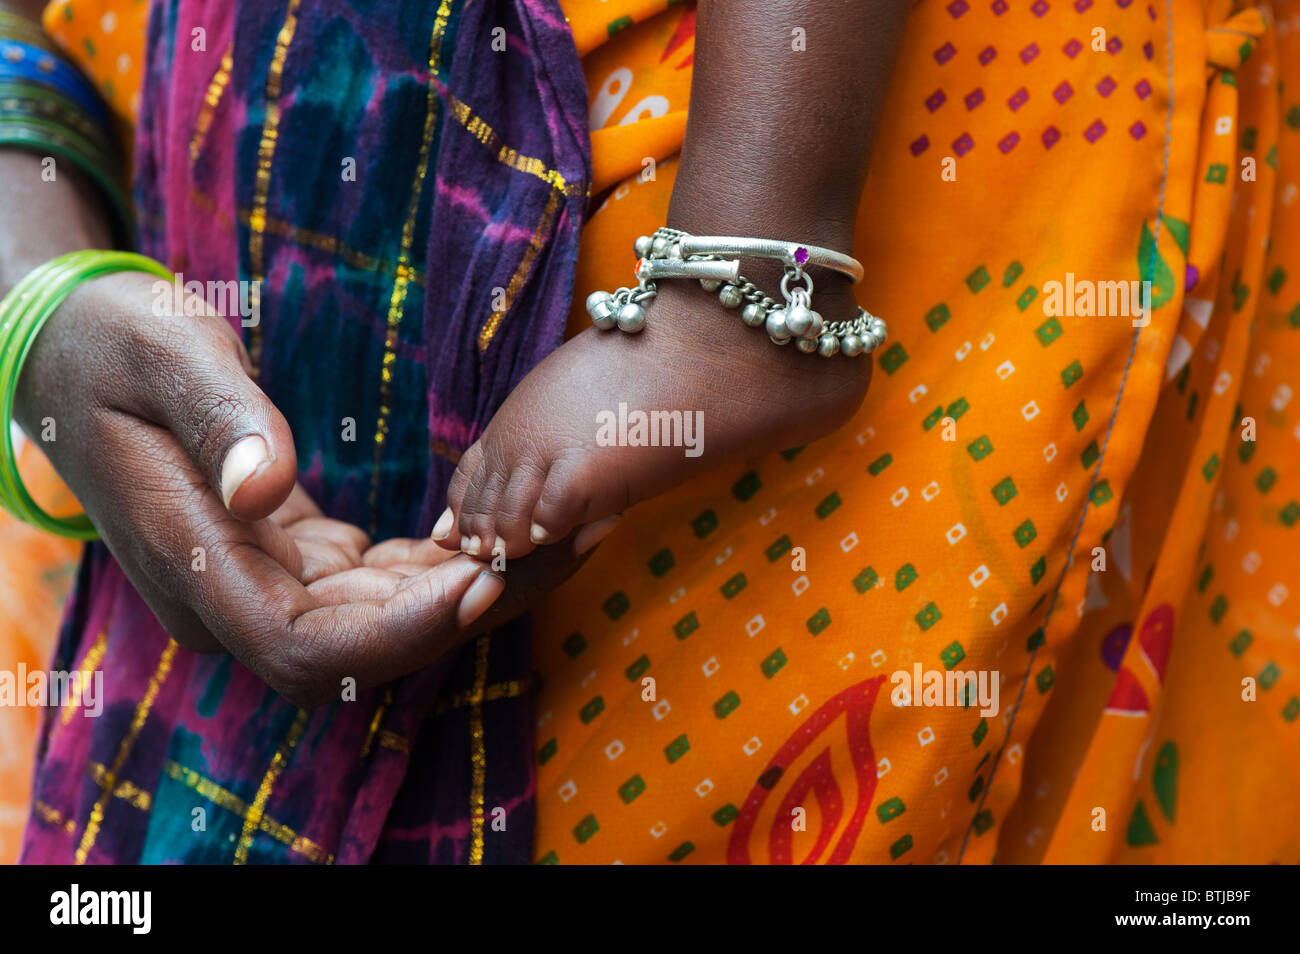 Bambini indiani piedi nudi contro le madri vestiti colorati. India Immagini Stock